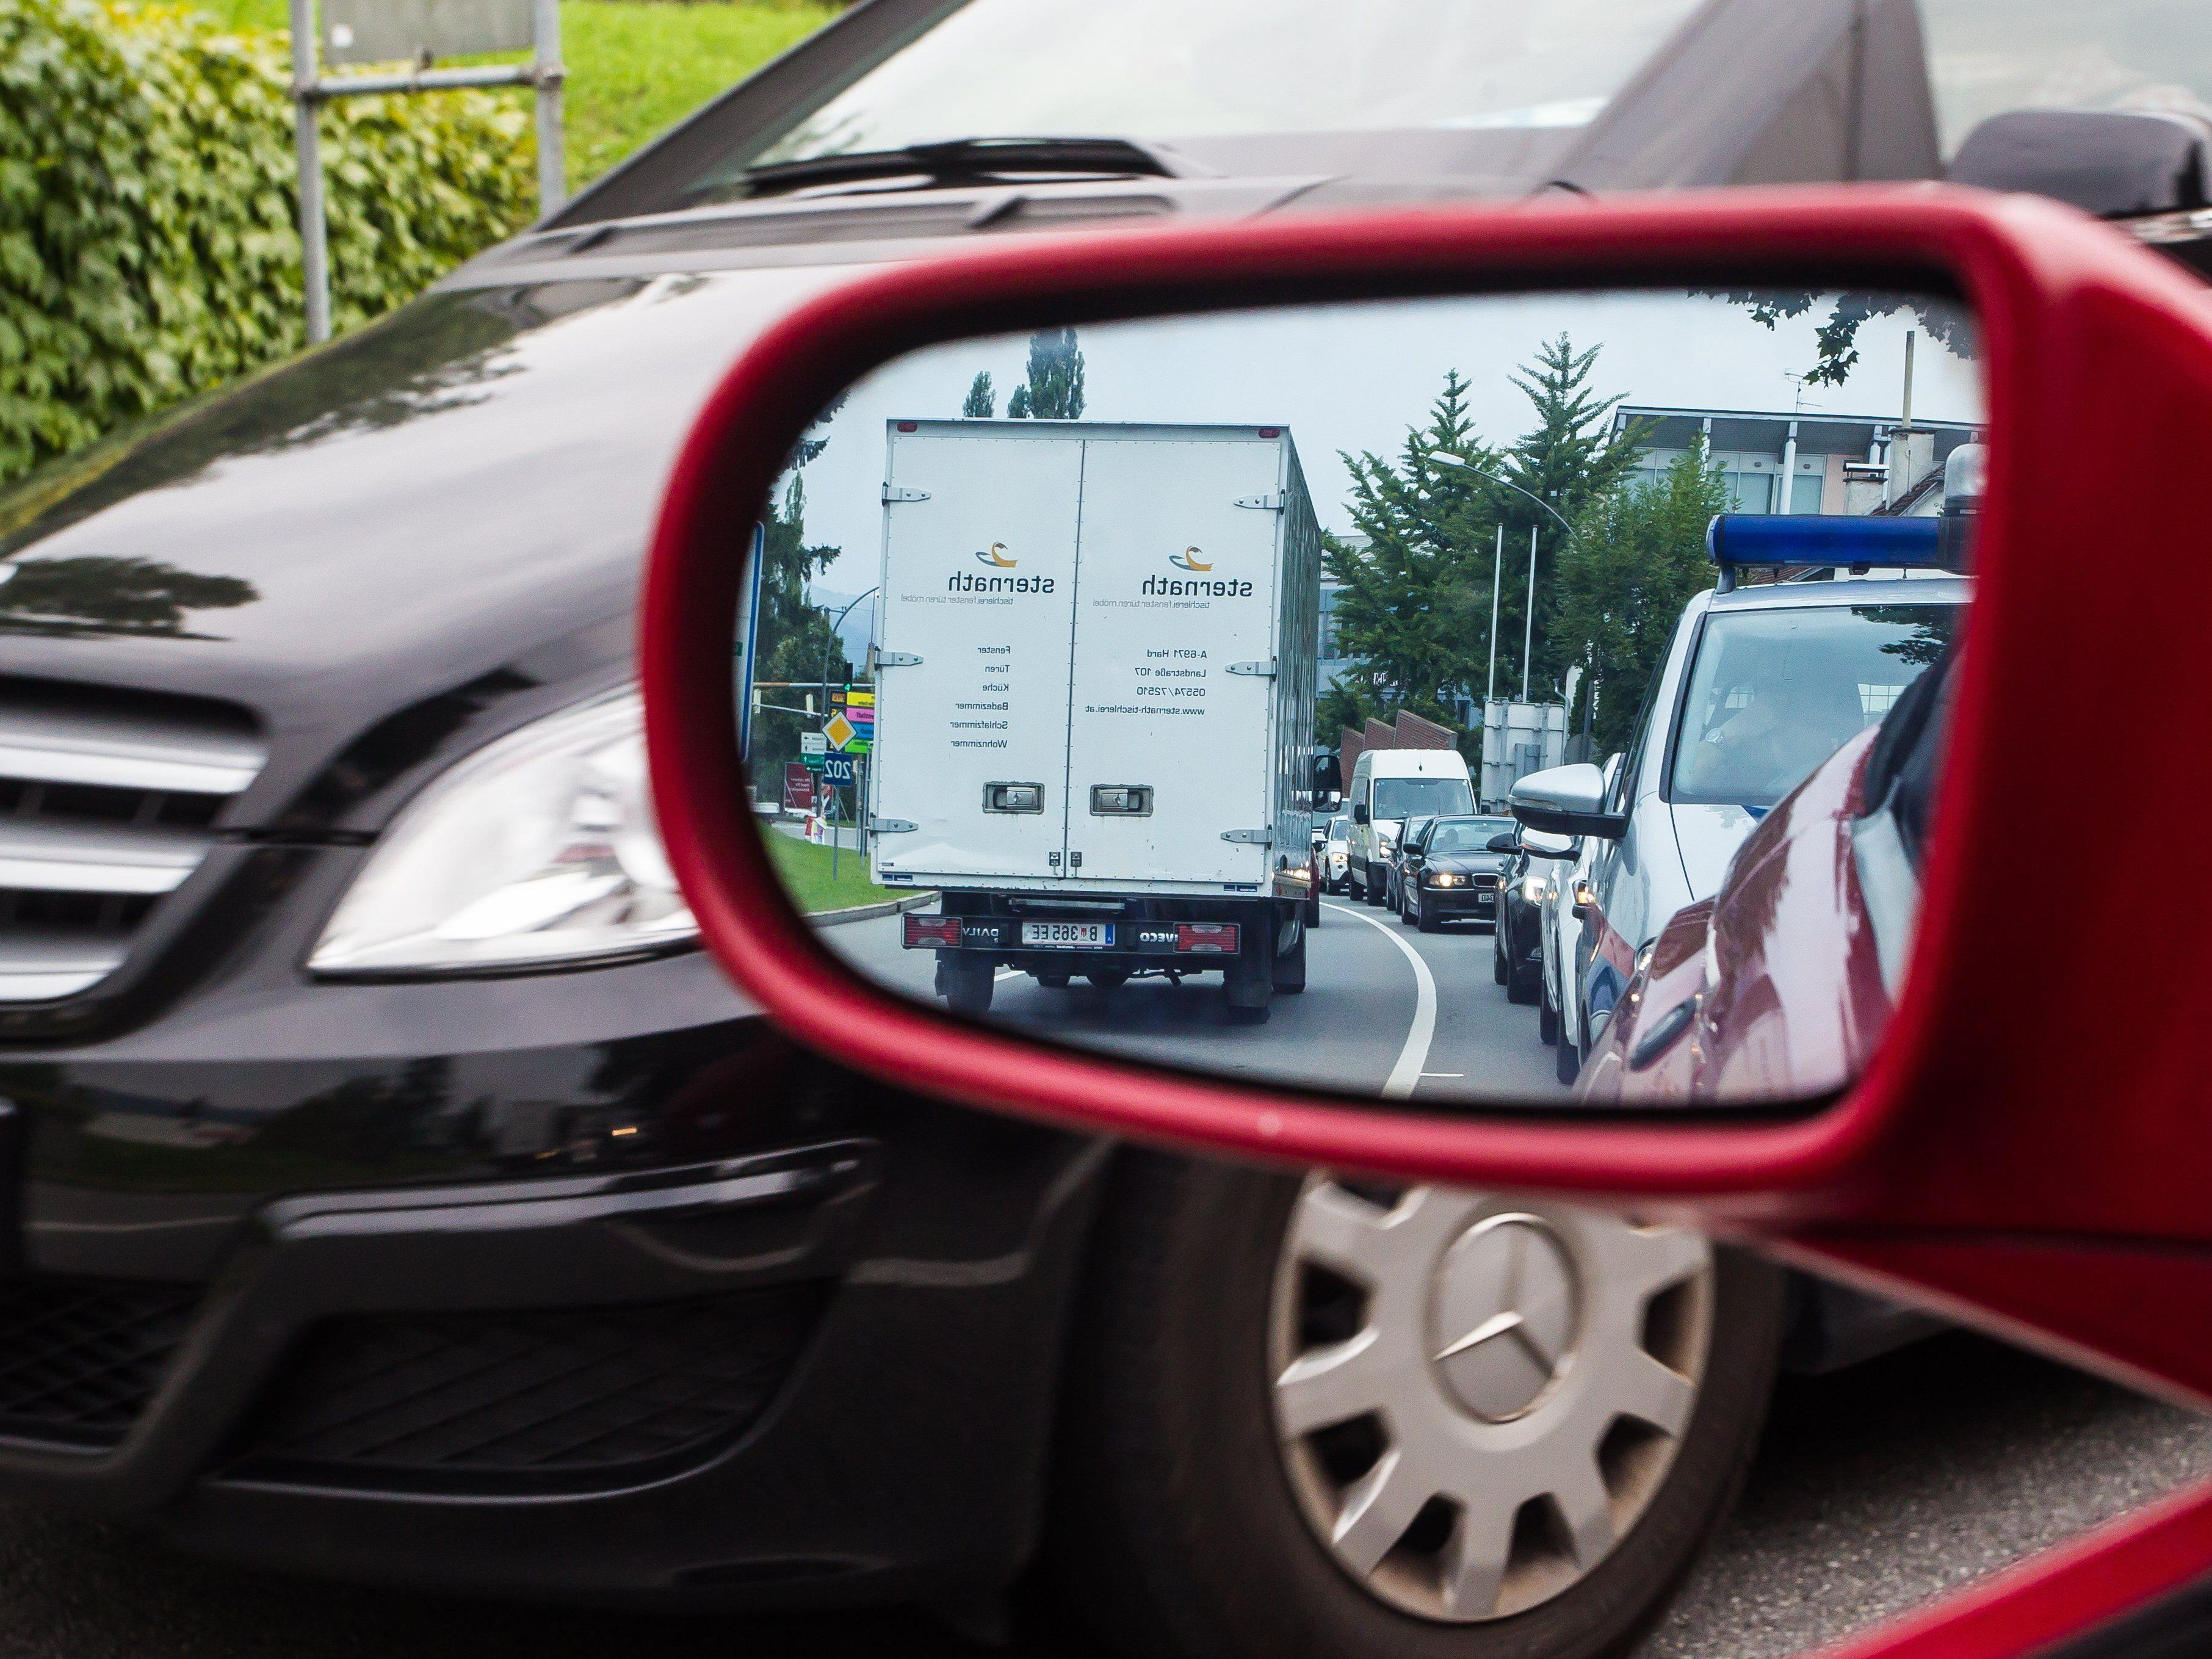 Ferienende im Westen Österreichs und Teilen Deutschlands führt zu Verkehrsbehinderungen.